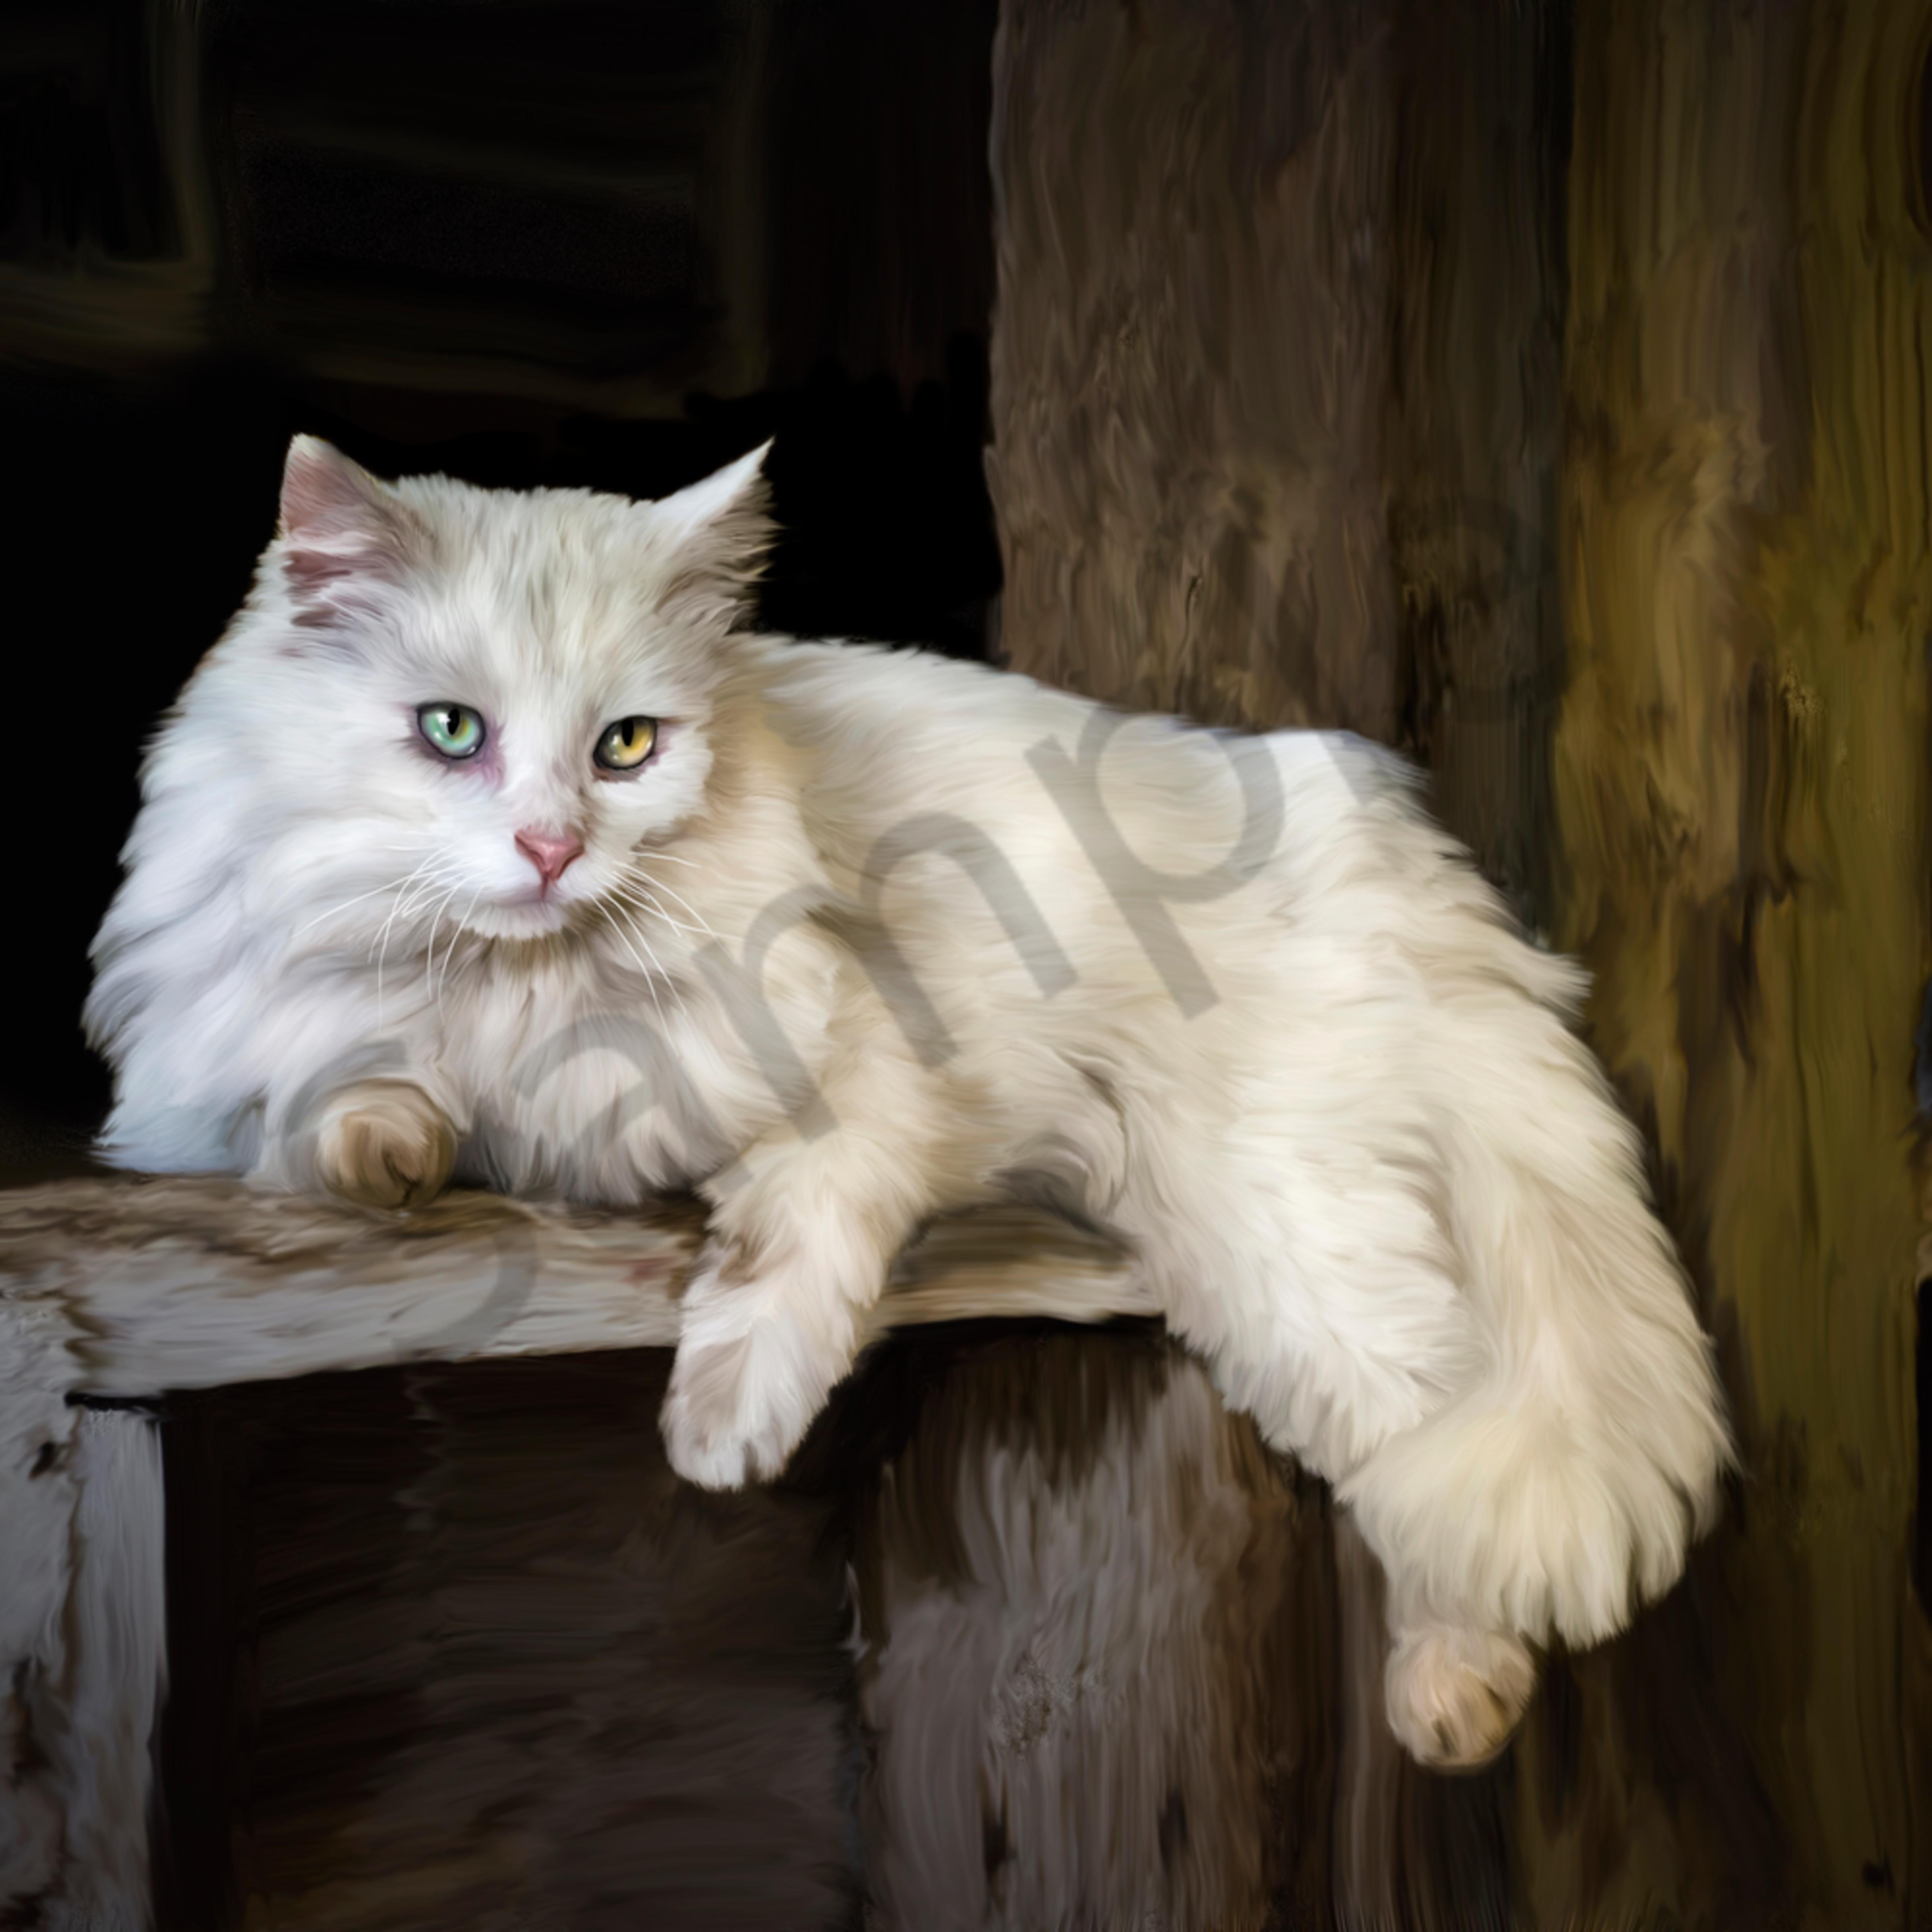 White barn cat wujwhs